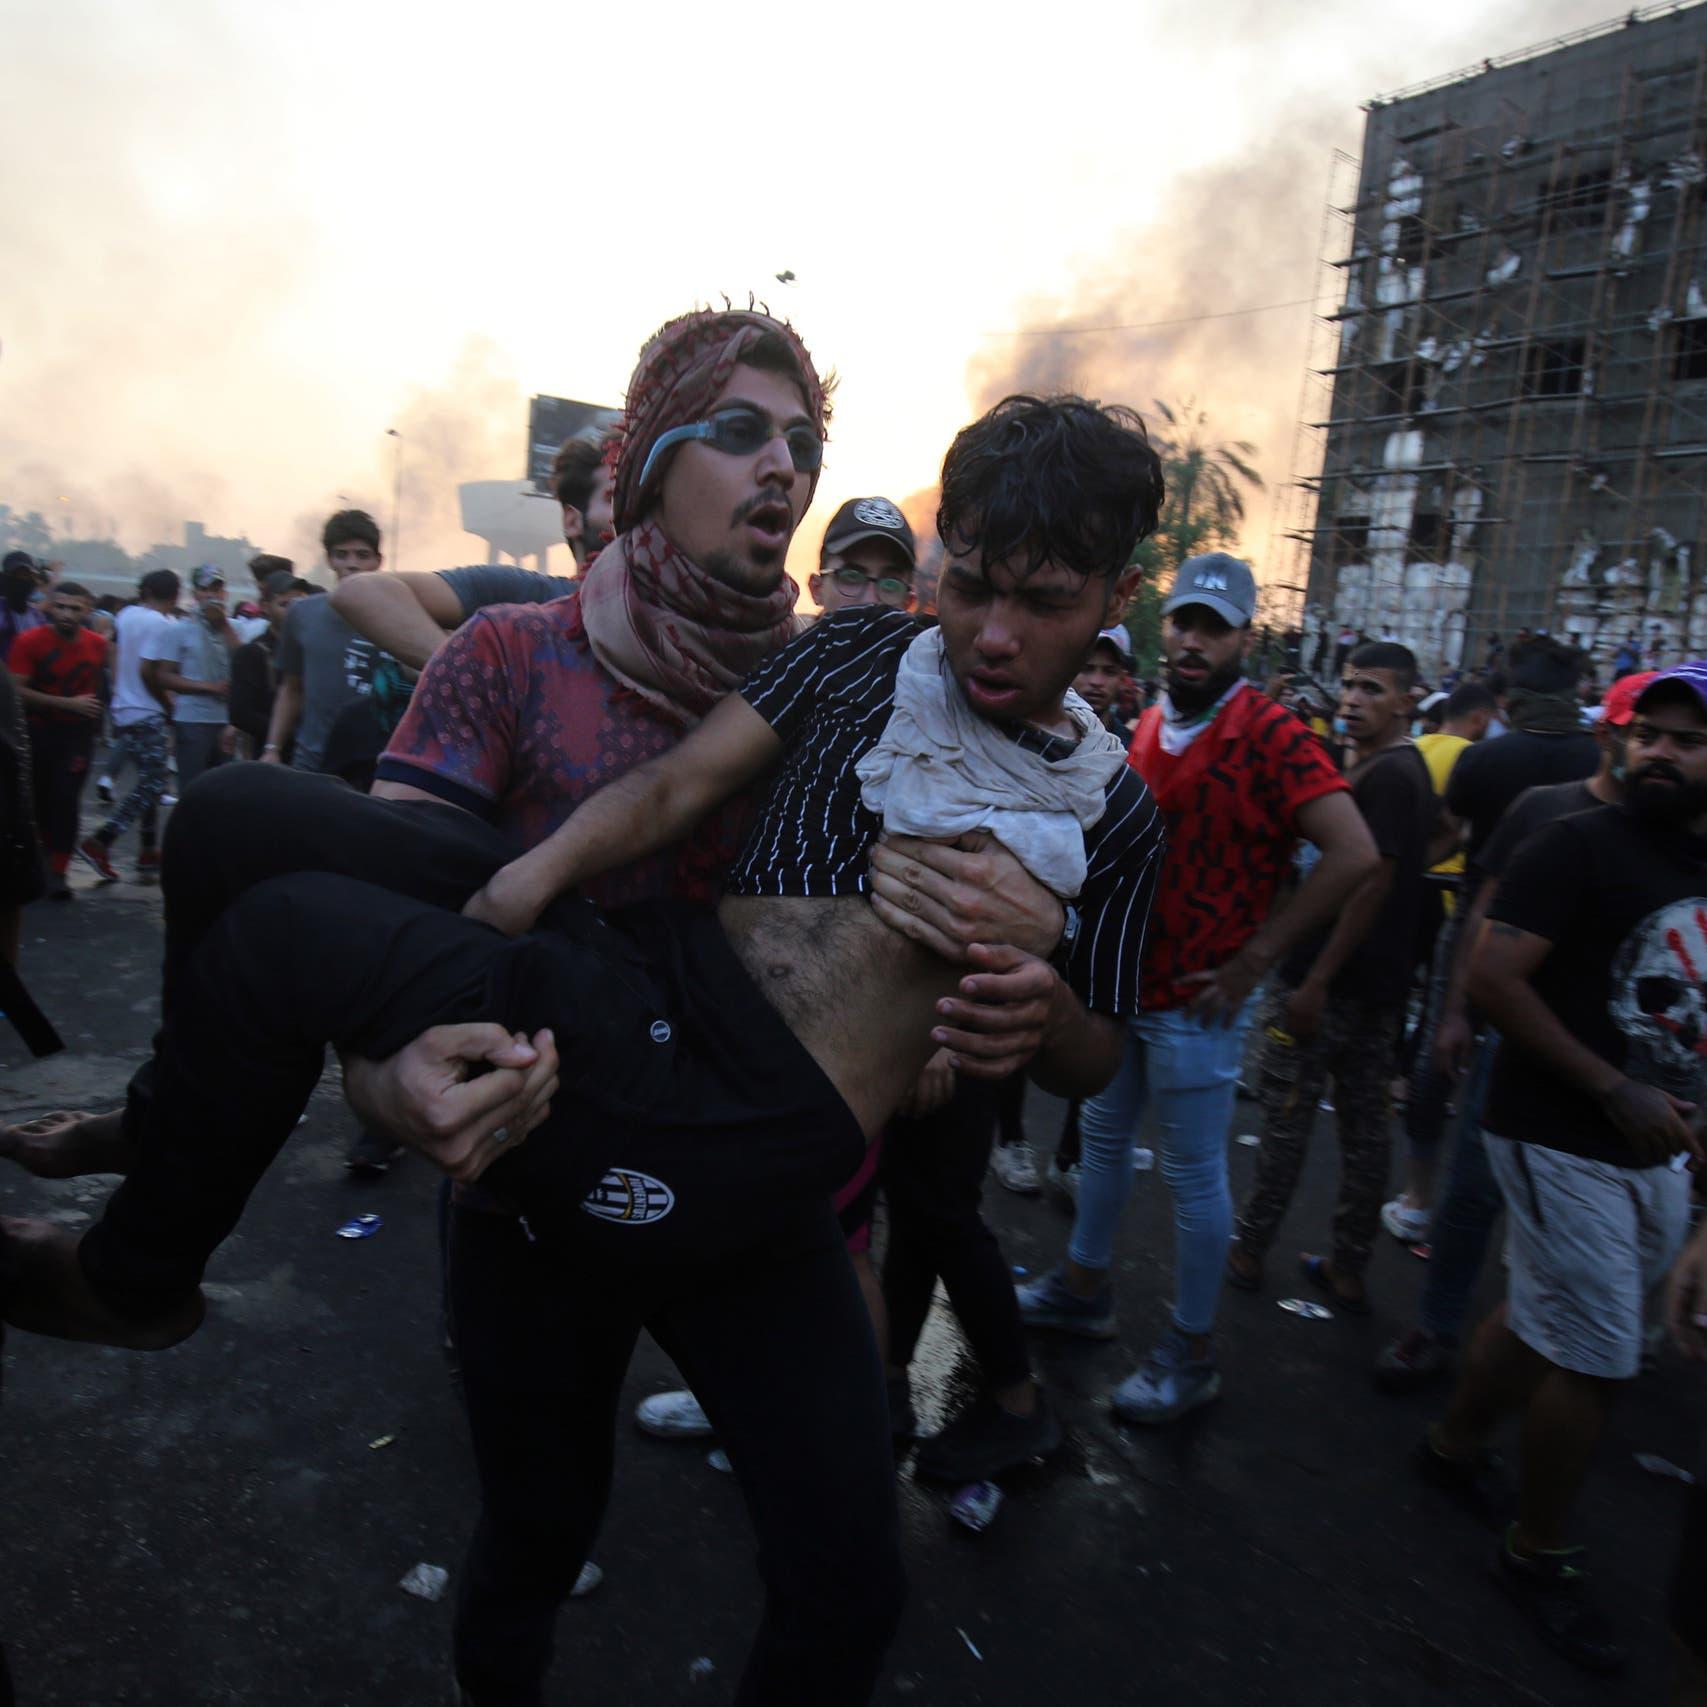 صحيفة: إيران تعبث بأمن العراق لتحويله إلى لبنان جديد